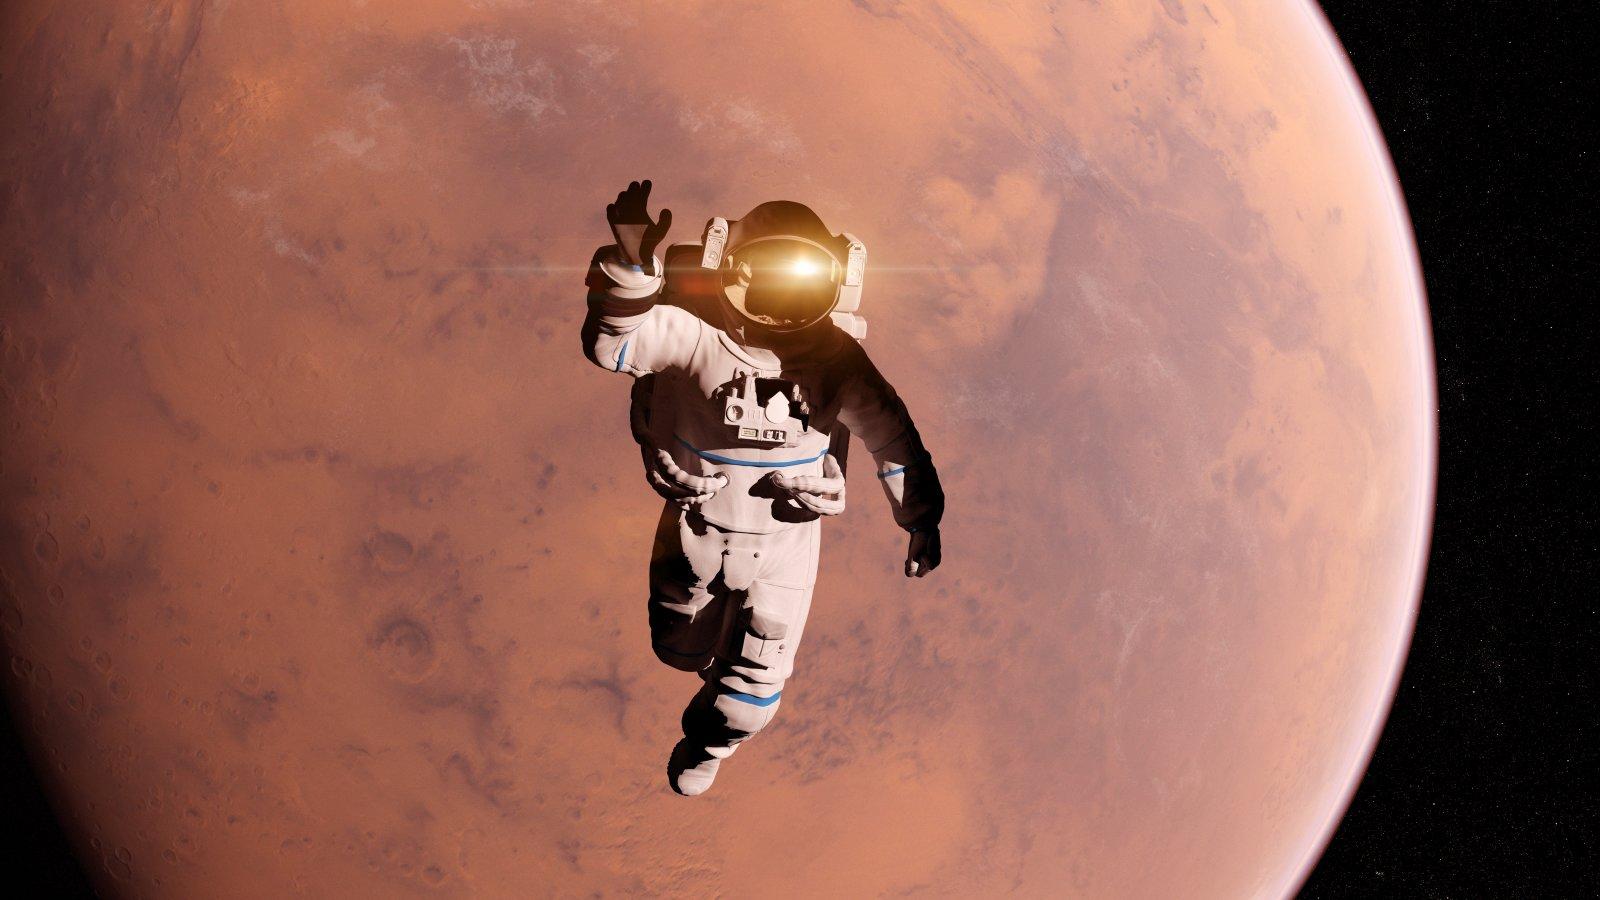 Как НАСА заботится о безопасности и рассудке своих астронавтов - 1